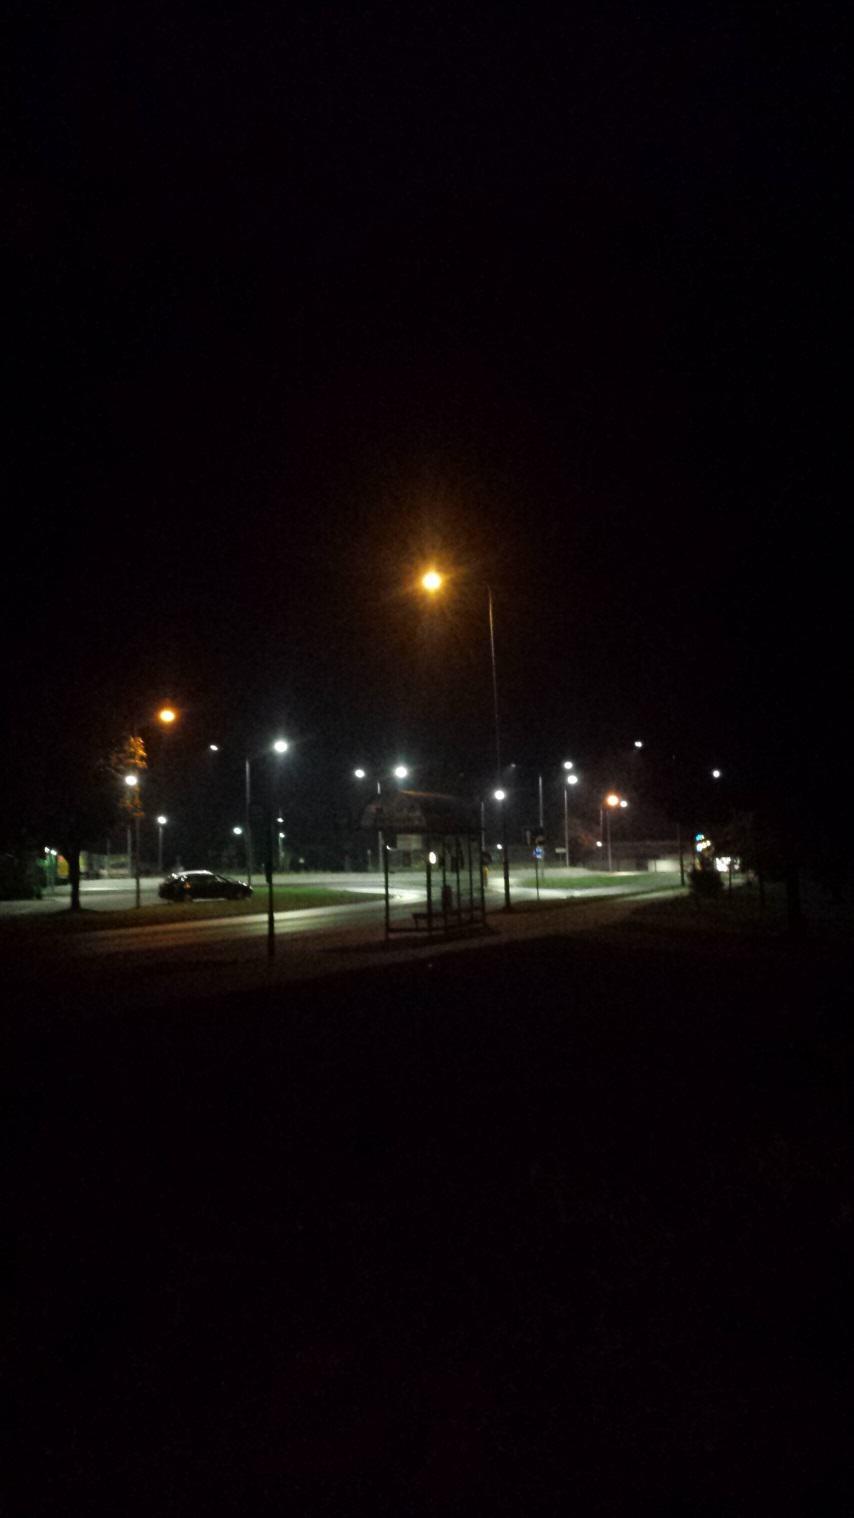 Zdjęcie, które przedstawia nowoczesne rozwiązanie problemu zanieczyszczania środowiska światłem. Rondo oświetlone, droga widoczna, dookoła ciemność. Źródło własne.